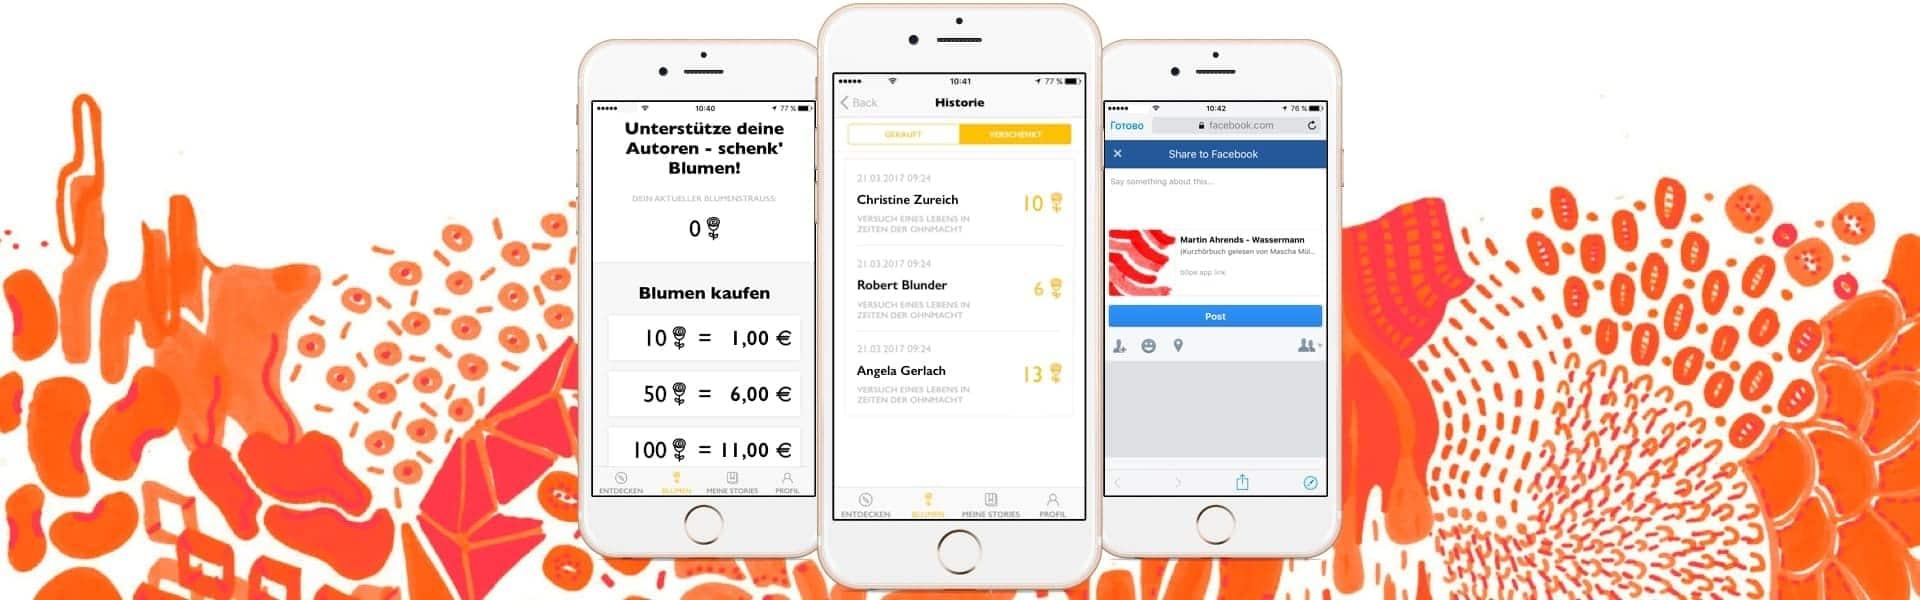 3 screens of an app